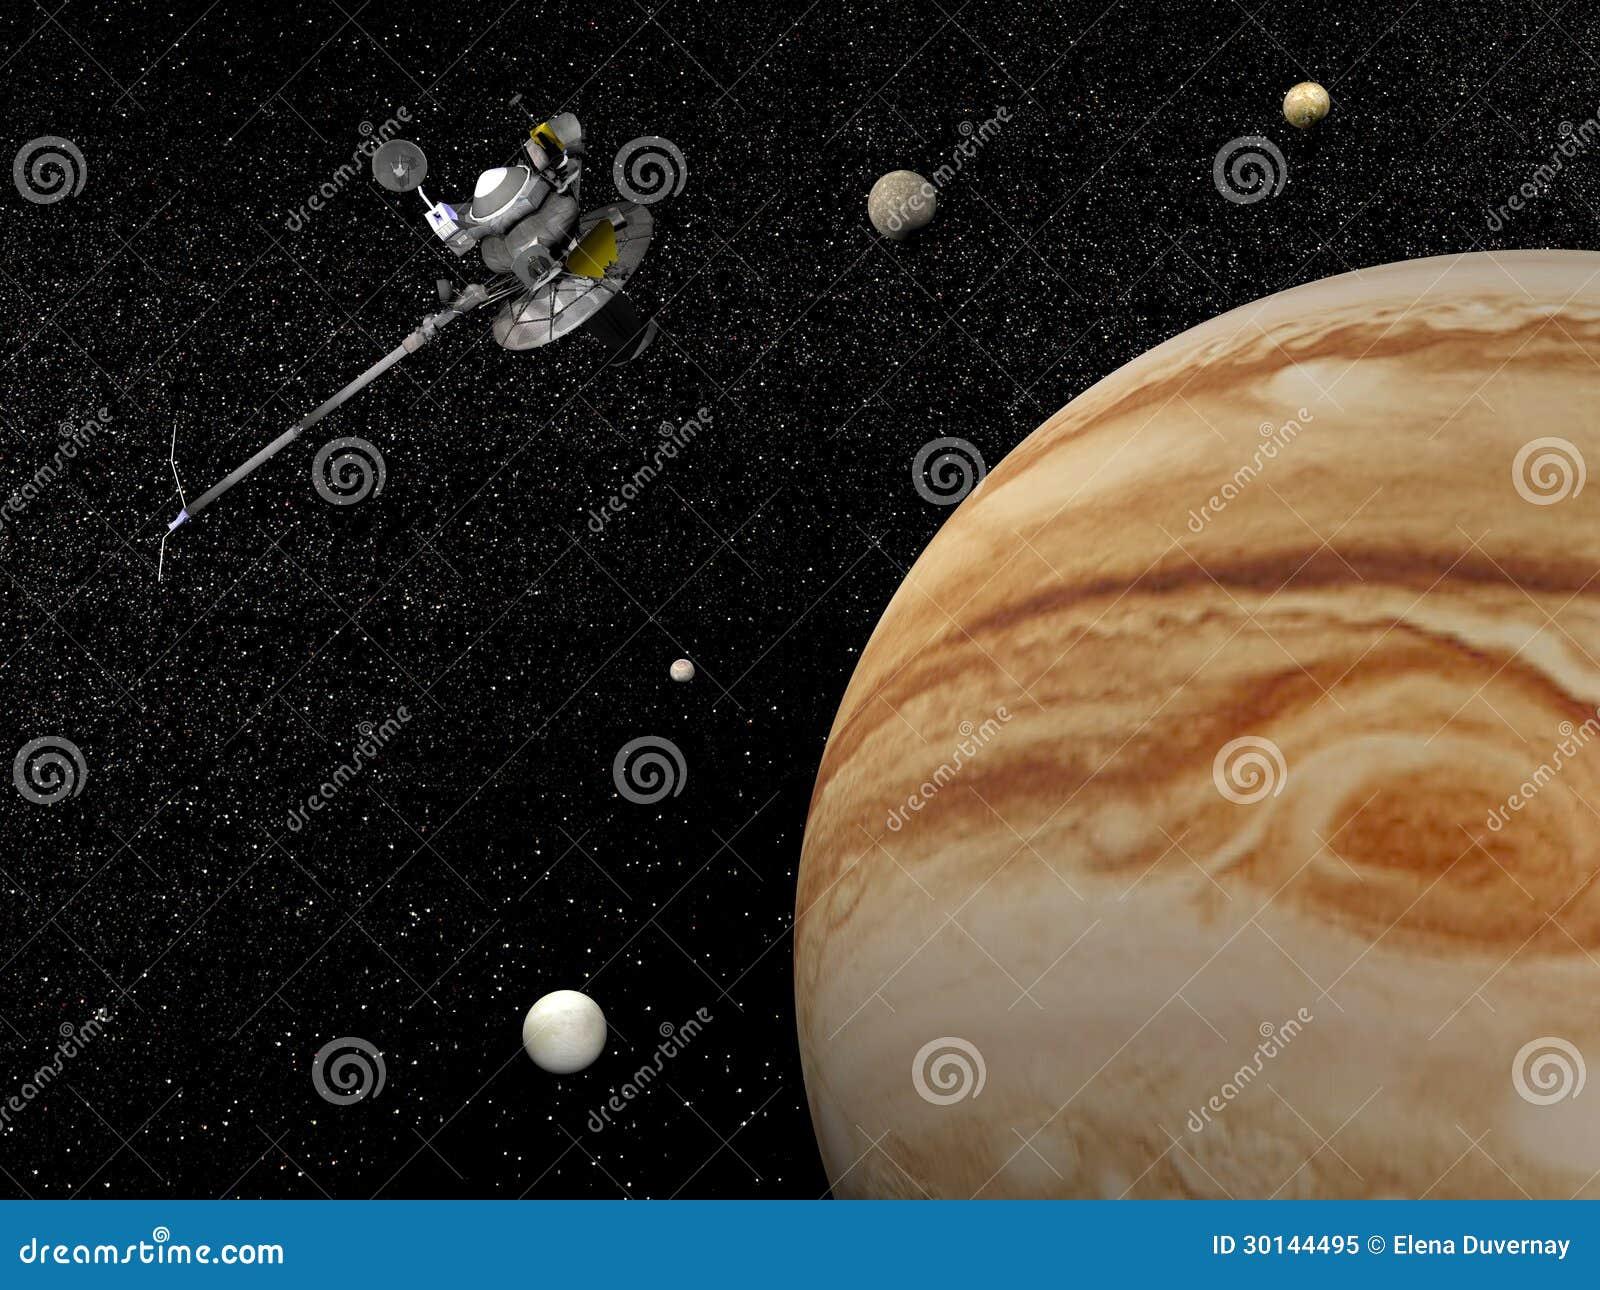 spacecraft jupiter - photo #40